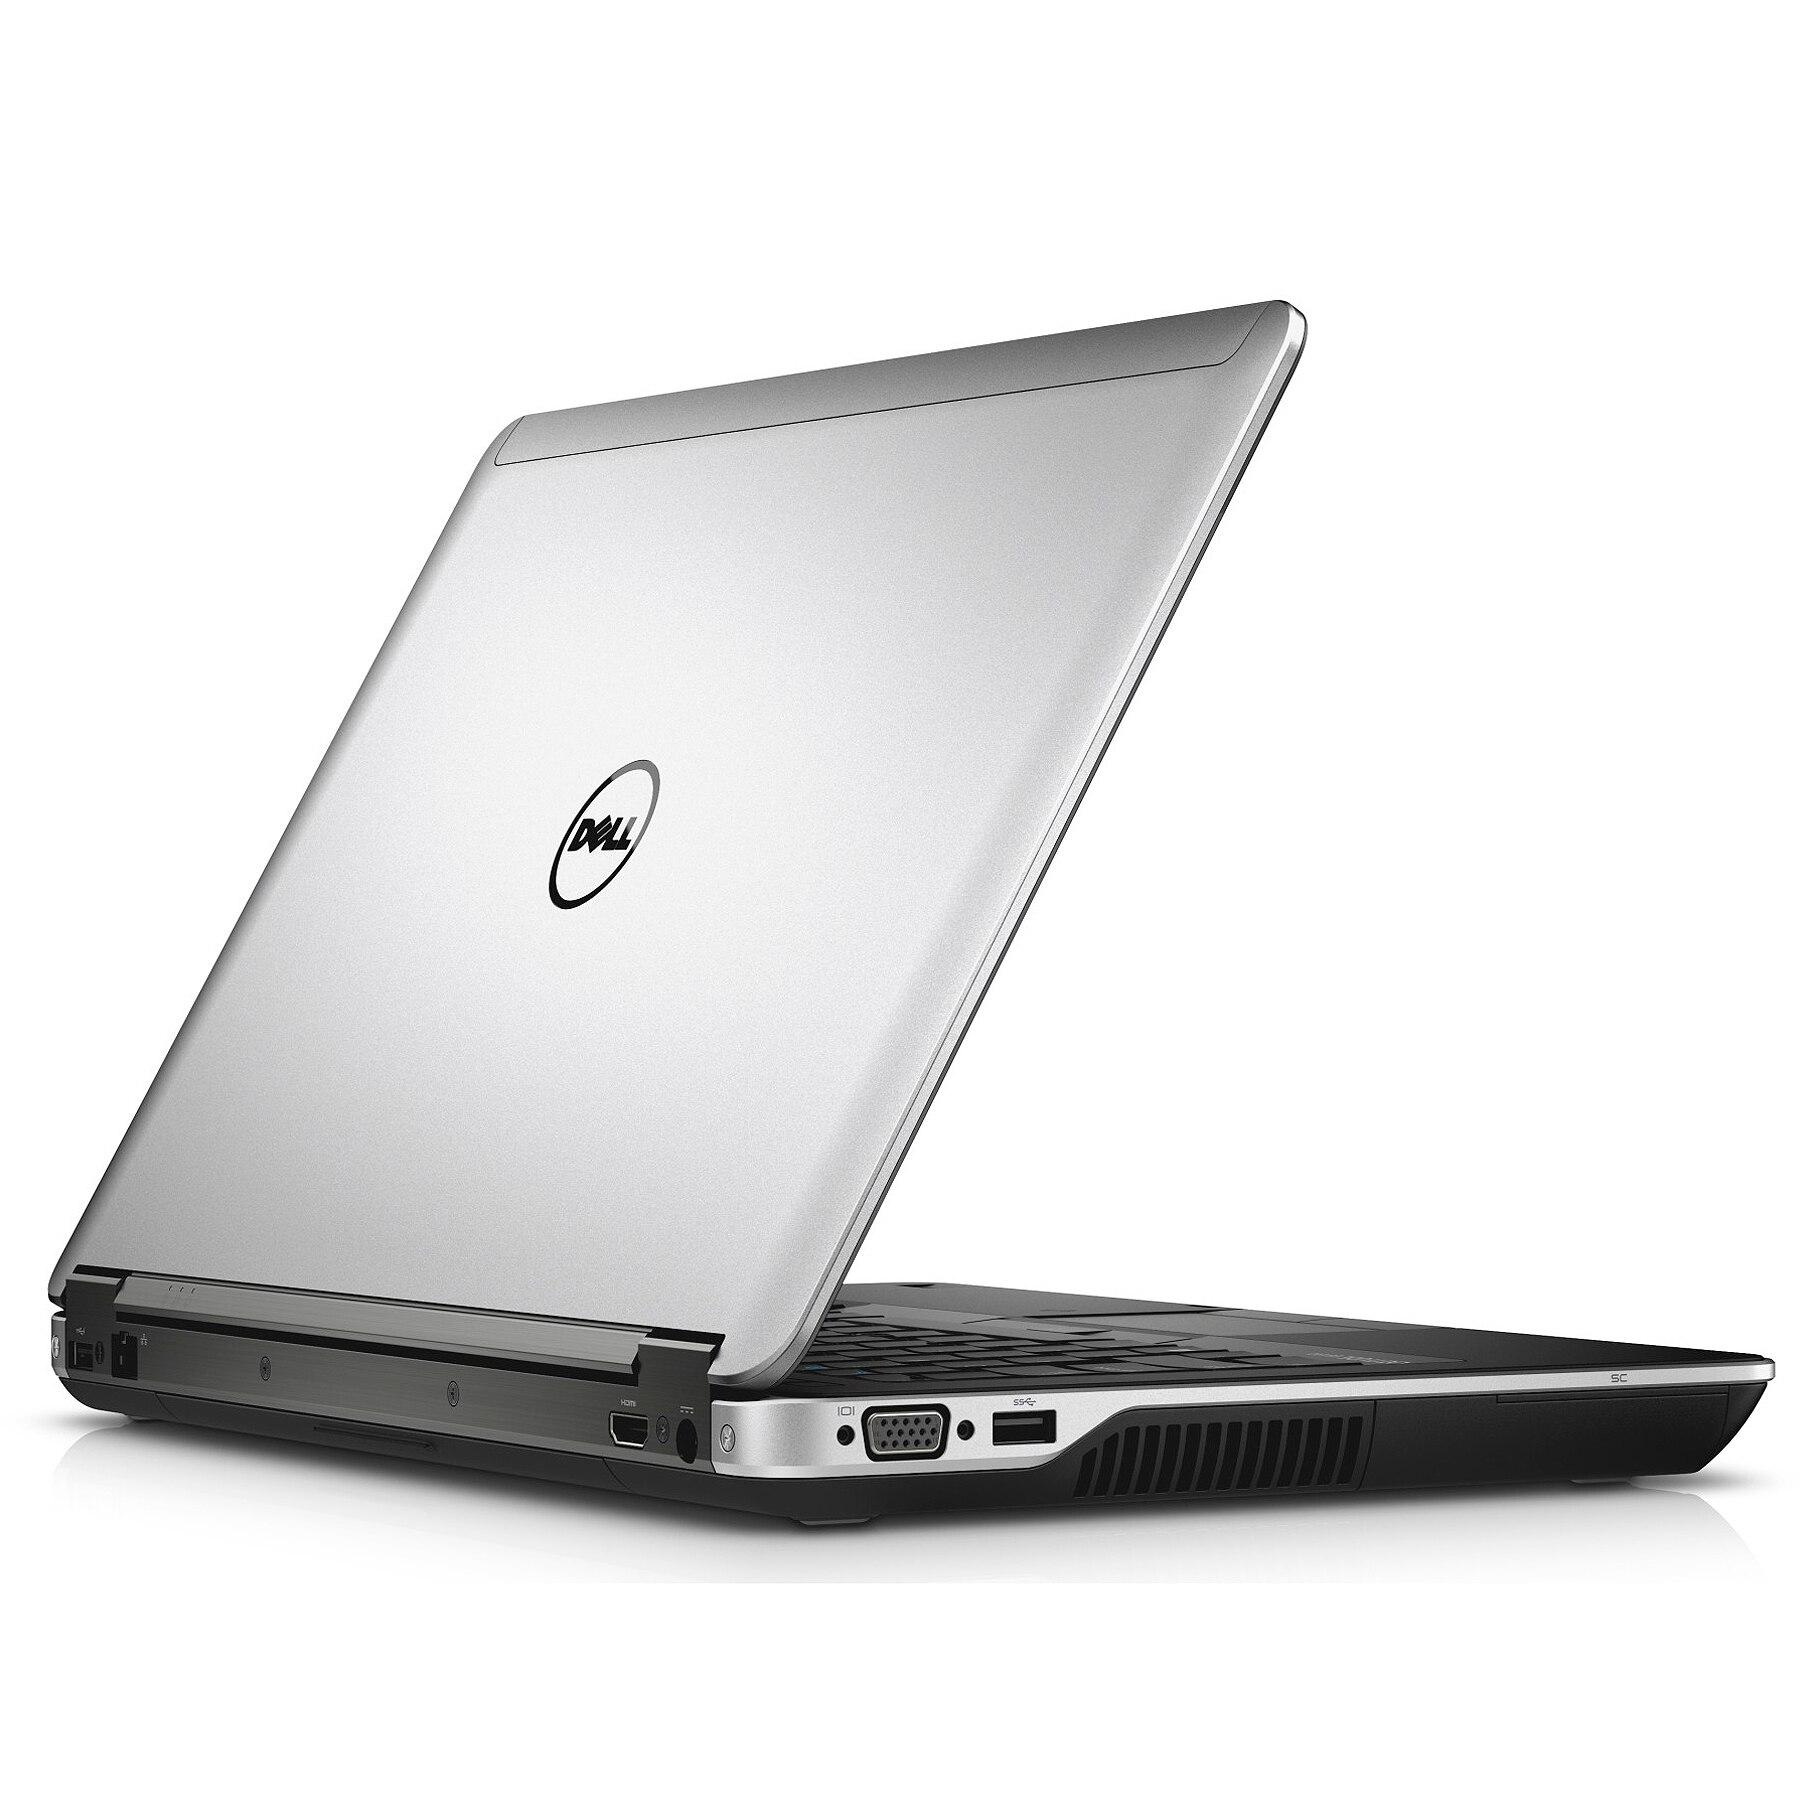 """Laptop Dell Latitude E6440, Intel Core i5 4200M 2.5 GHz, DVDRW, Intel HD Graphics 4400, WI-FI, WebCam, Display 14"""" 1366 by 768, 8 GB DDR3, 500 GB SSD SATA - imaginea 2"""